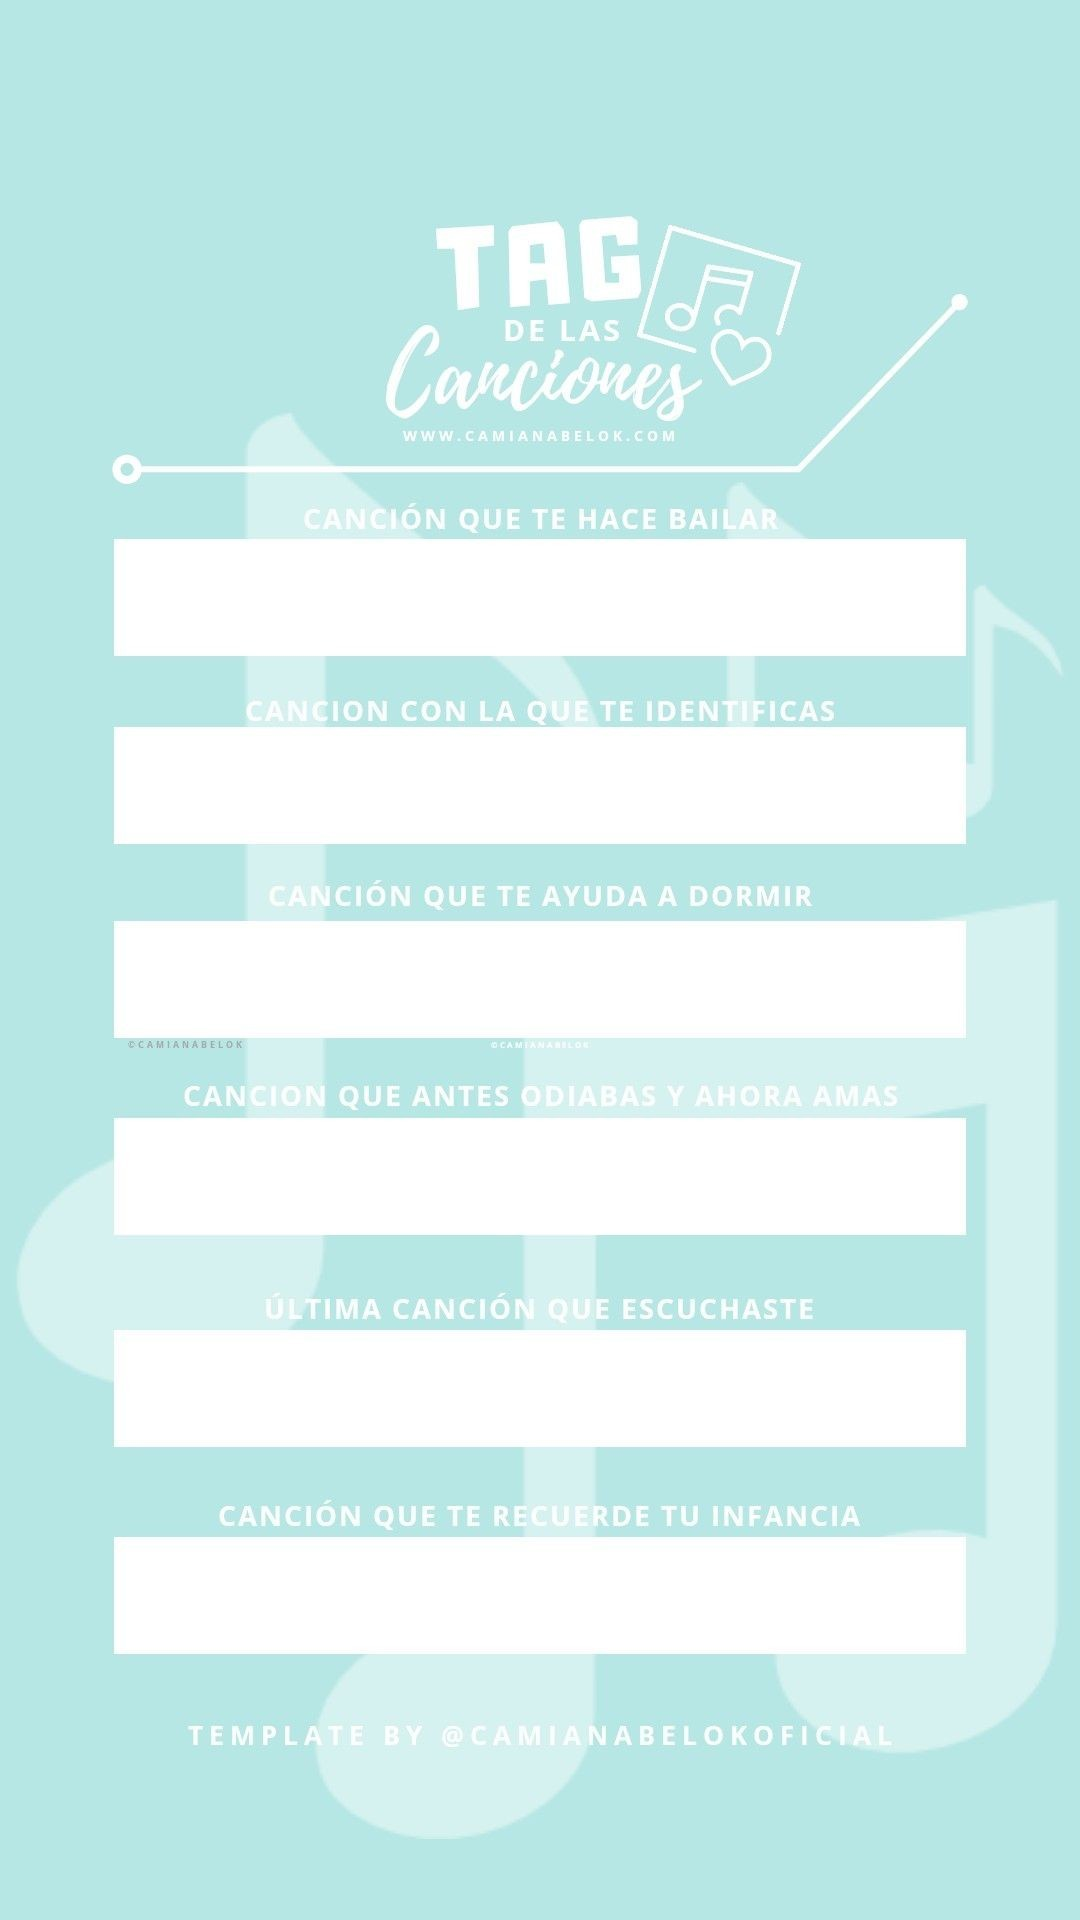 Calendario Vacaciones 2019 Argentina Más Recientes Noticias Calendario 2019 Mexico Icial